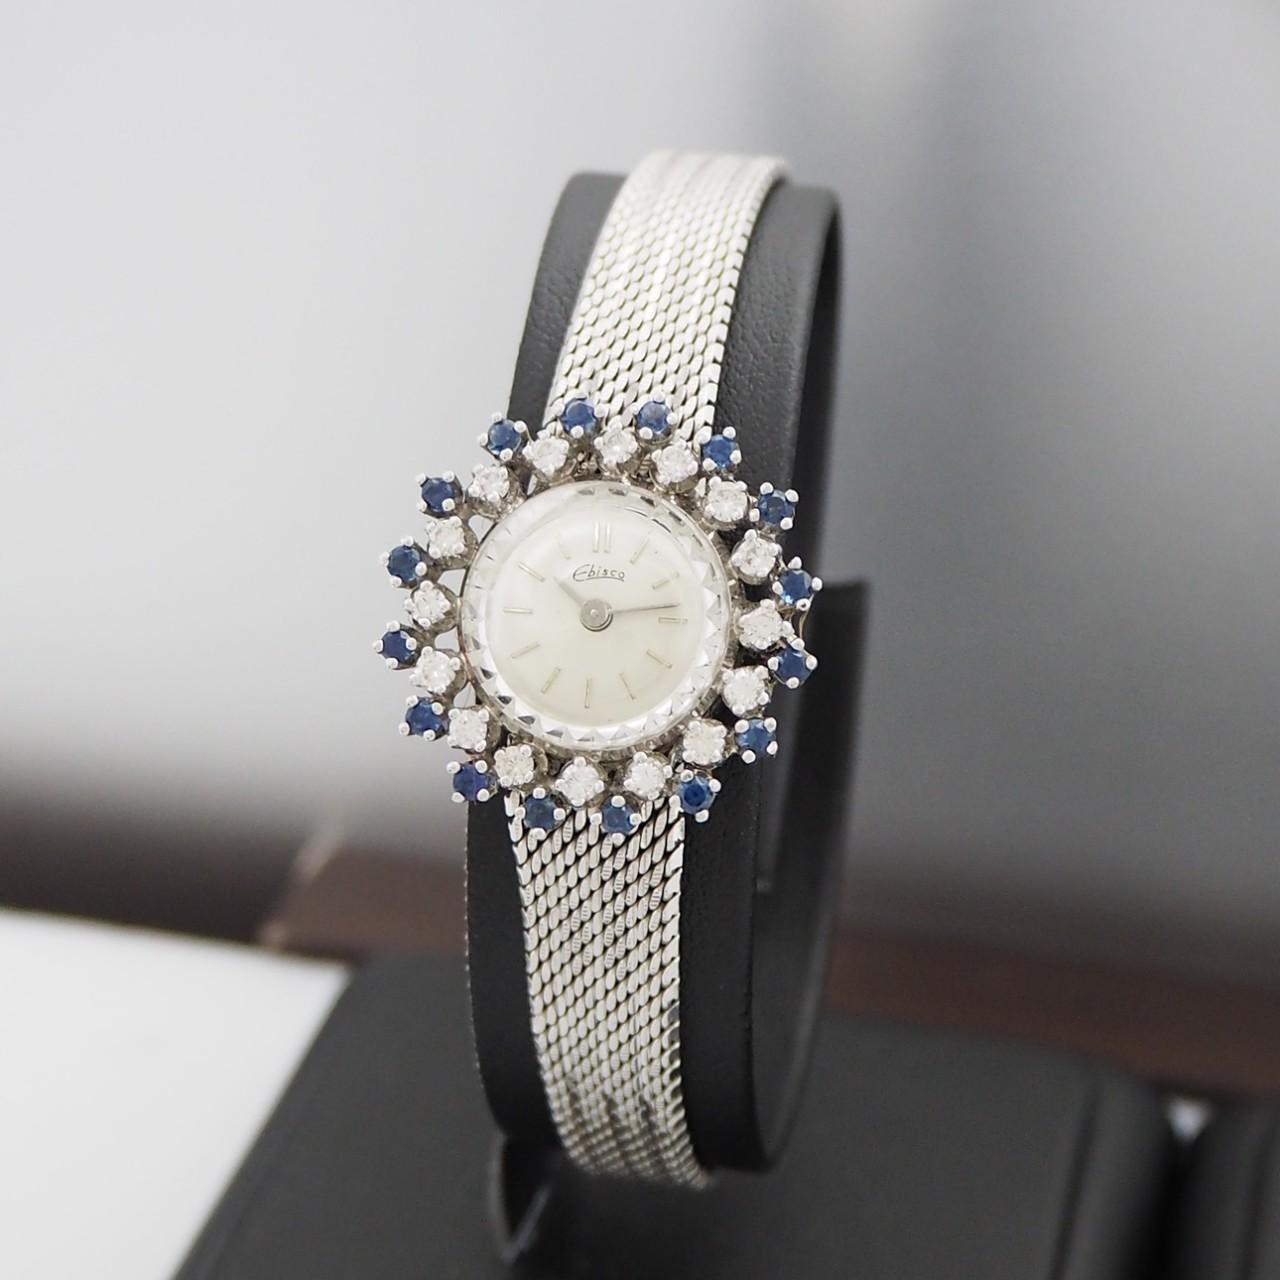 Ebisco Vintage Schmuck-Uhr Diamant+Saphir, Handaufzug WG 14k/585